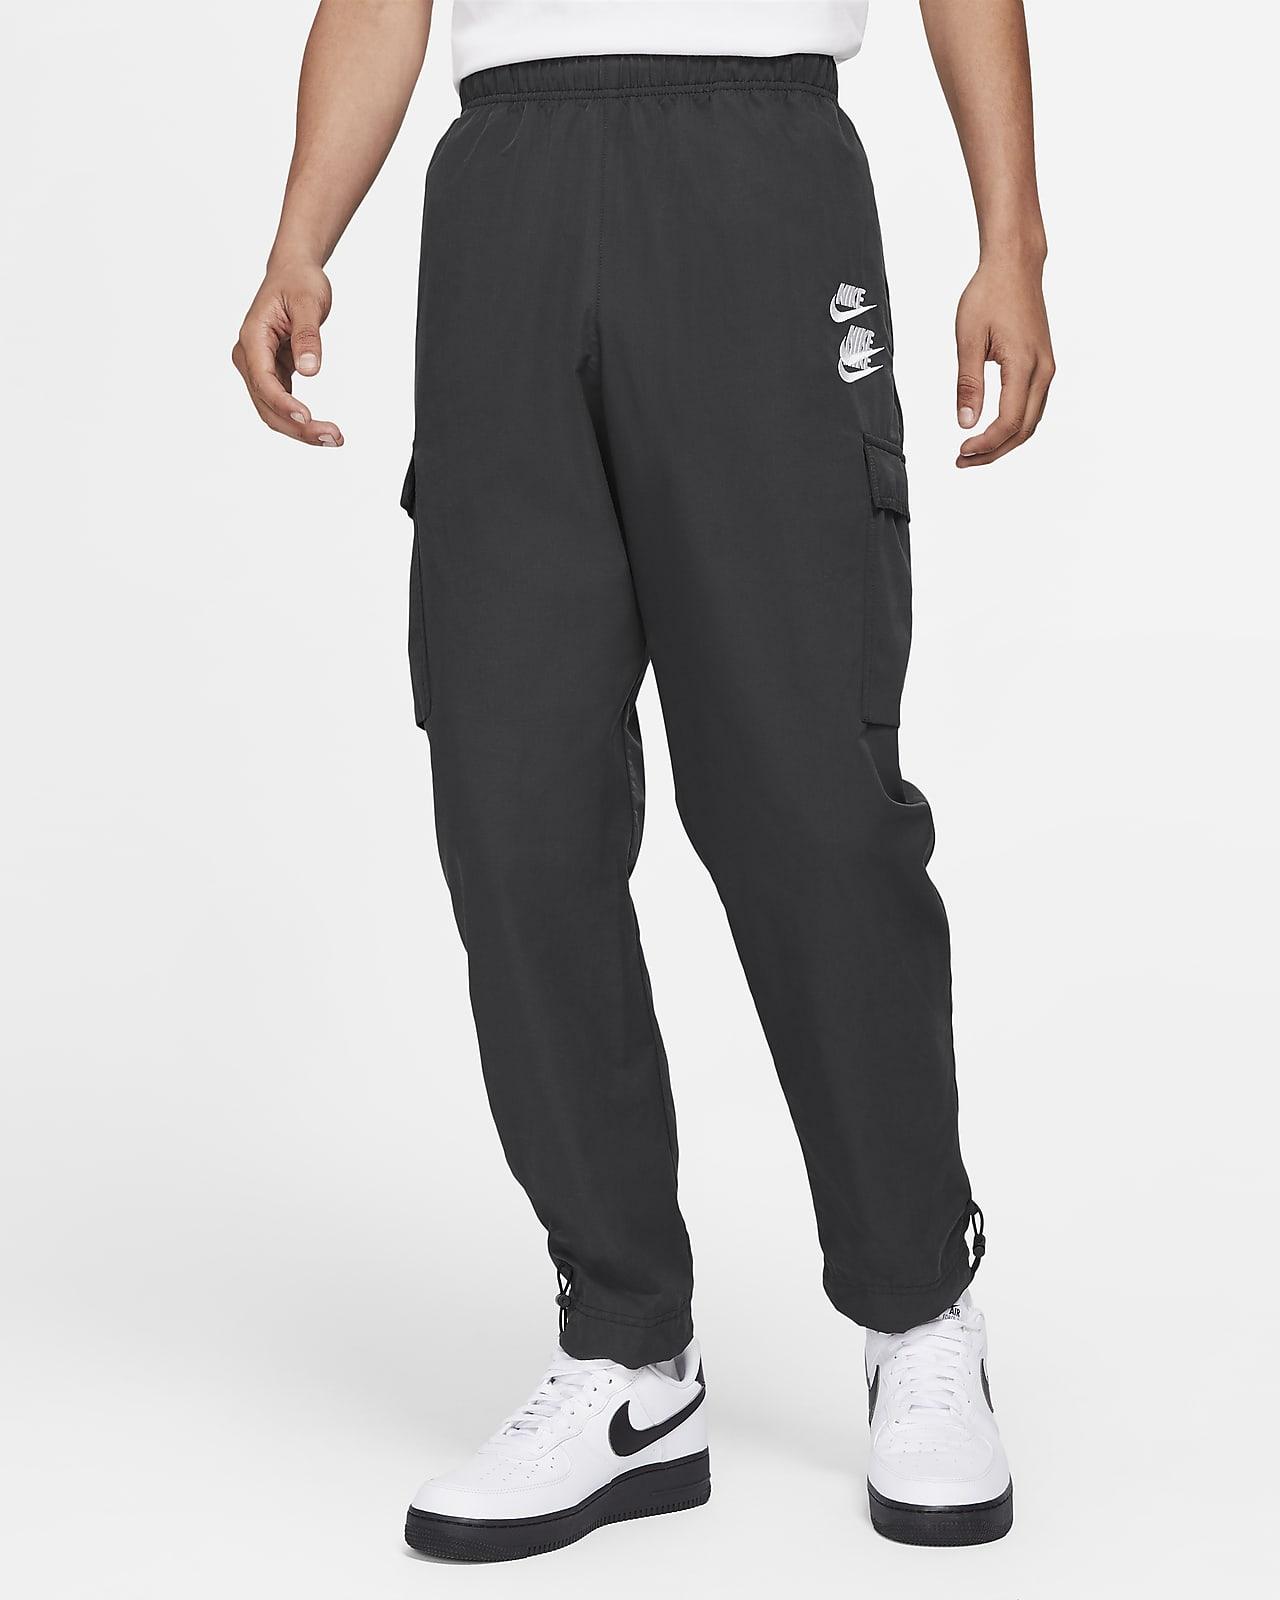 Nike Sportswear Men's Woven Cargo Trousers